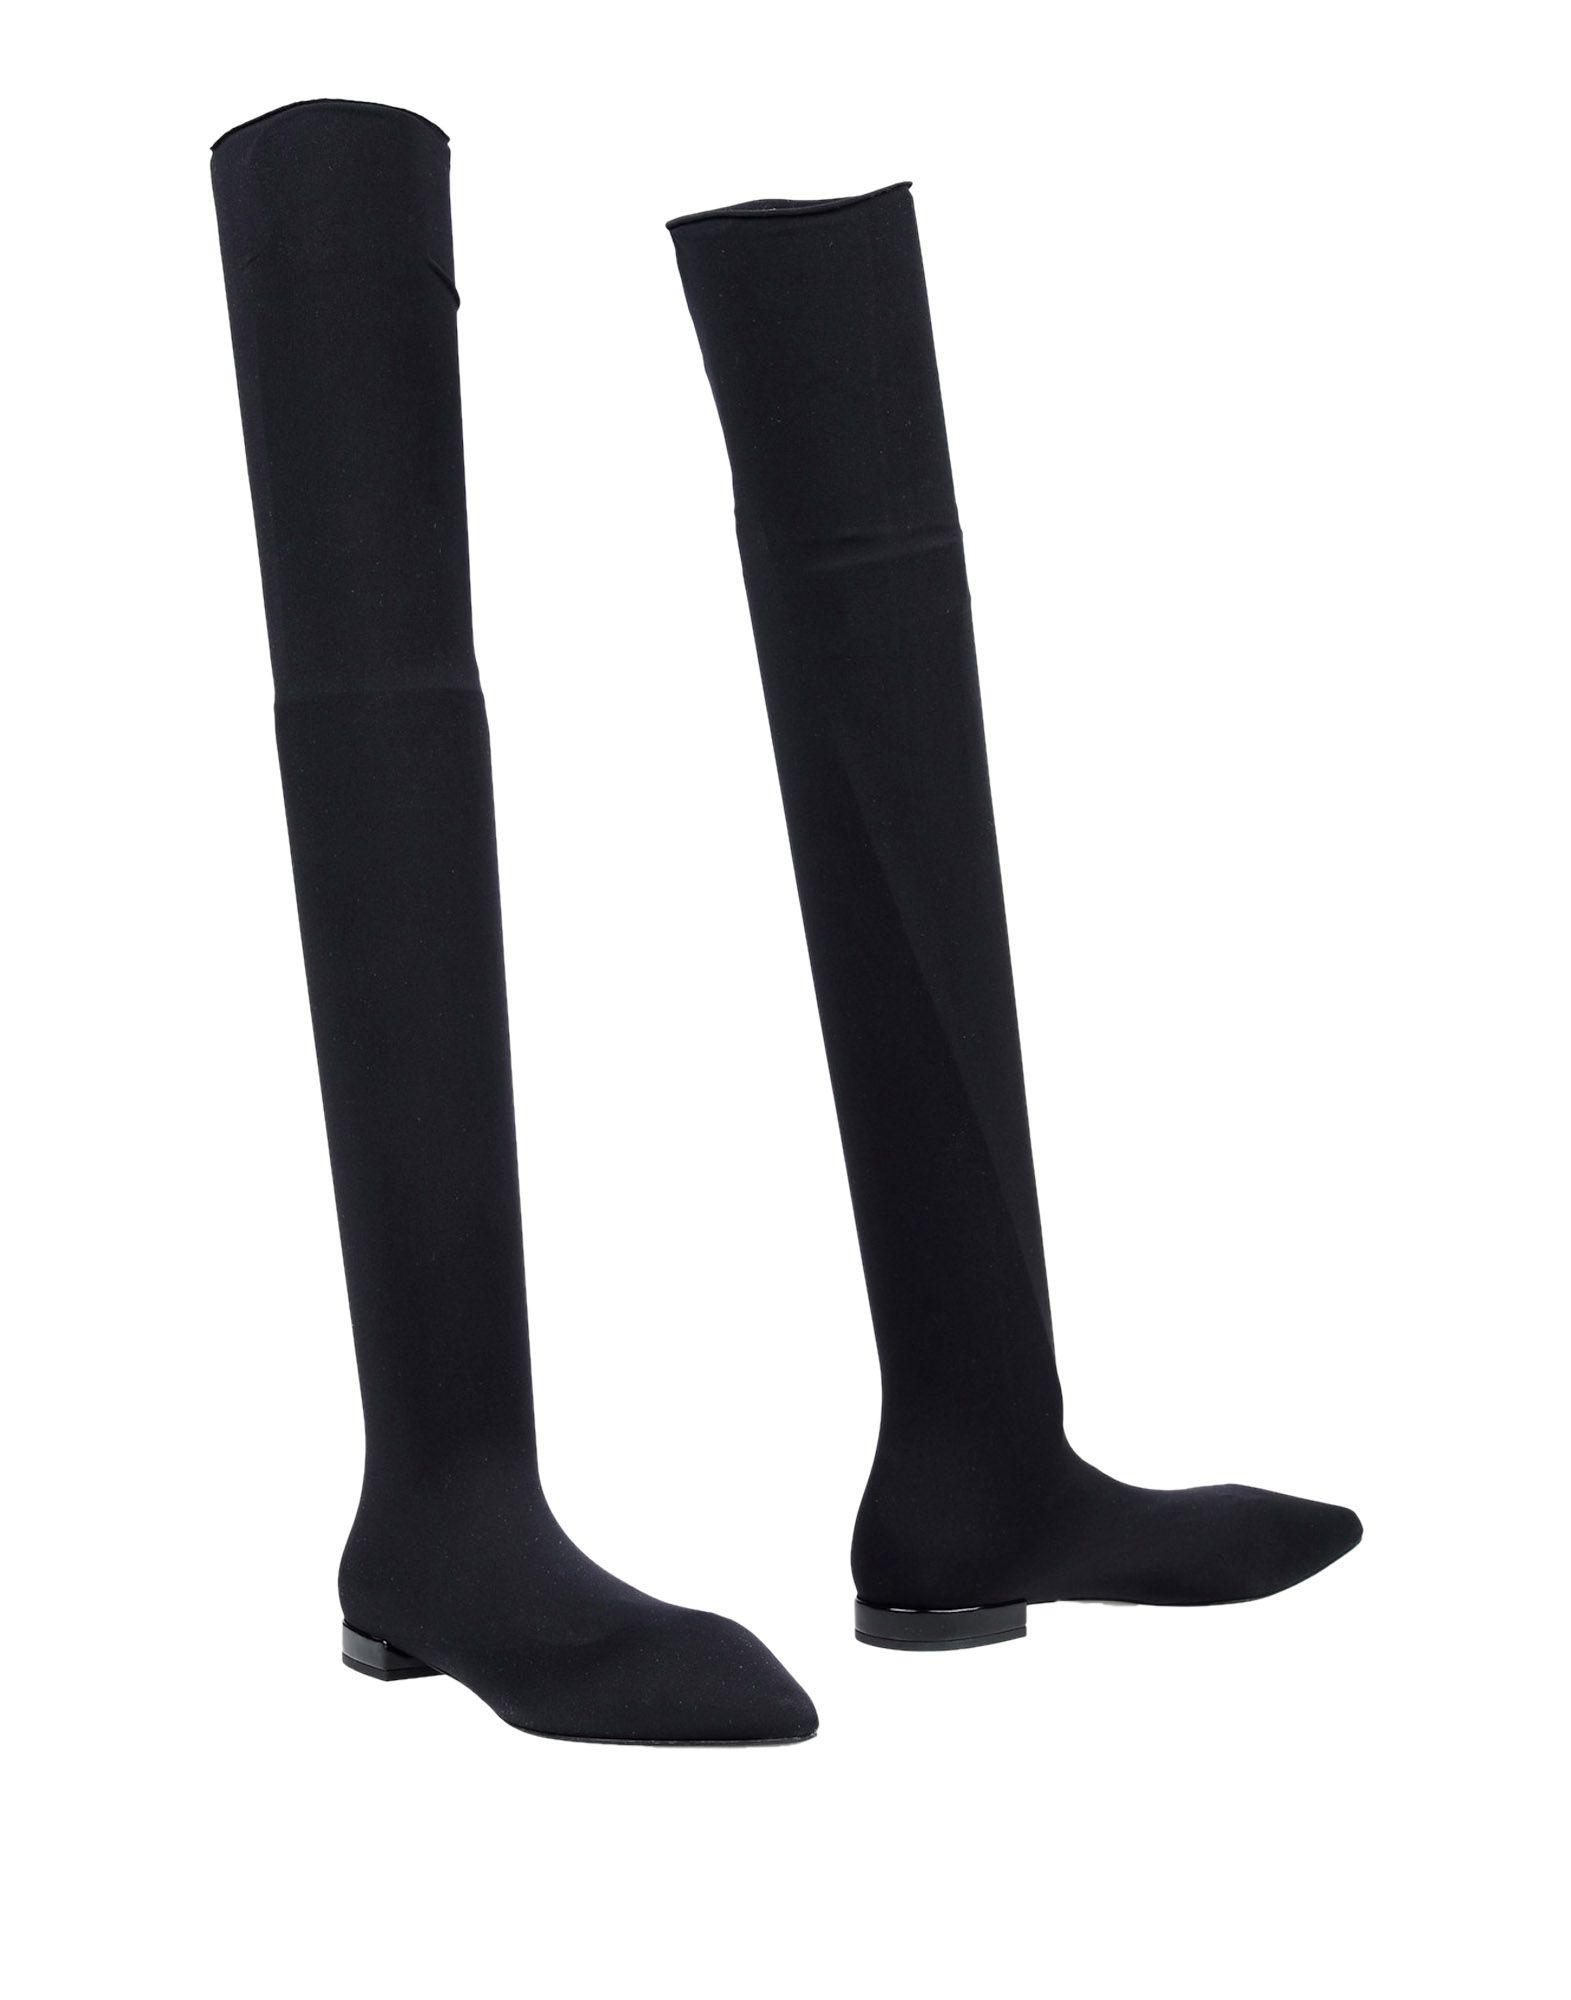 Gut um billige Stiefel Schuhe zu tragenAnna Baiguera Stiefel billige Damen 11495728VI d695b2